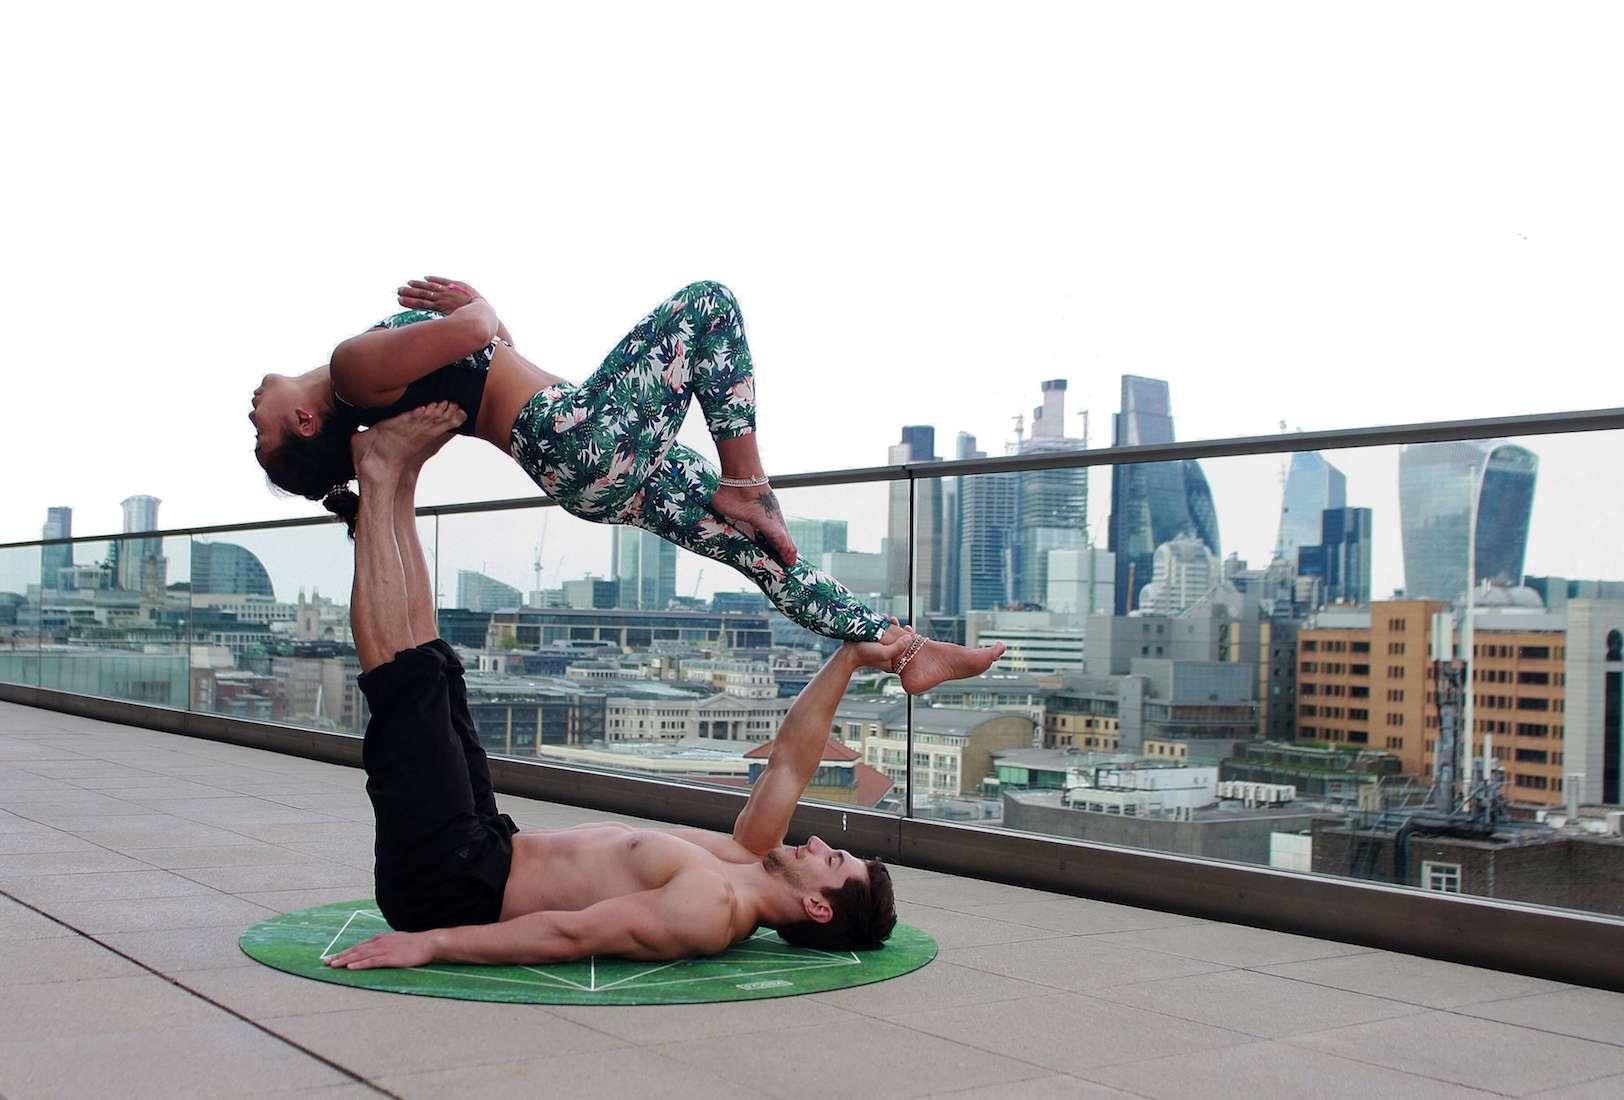 Động tác Yoga được thực hiện bởi các cặp đôi